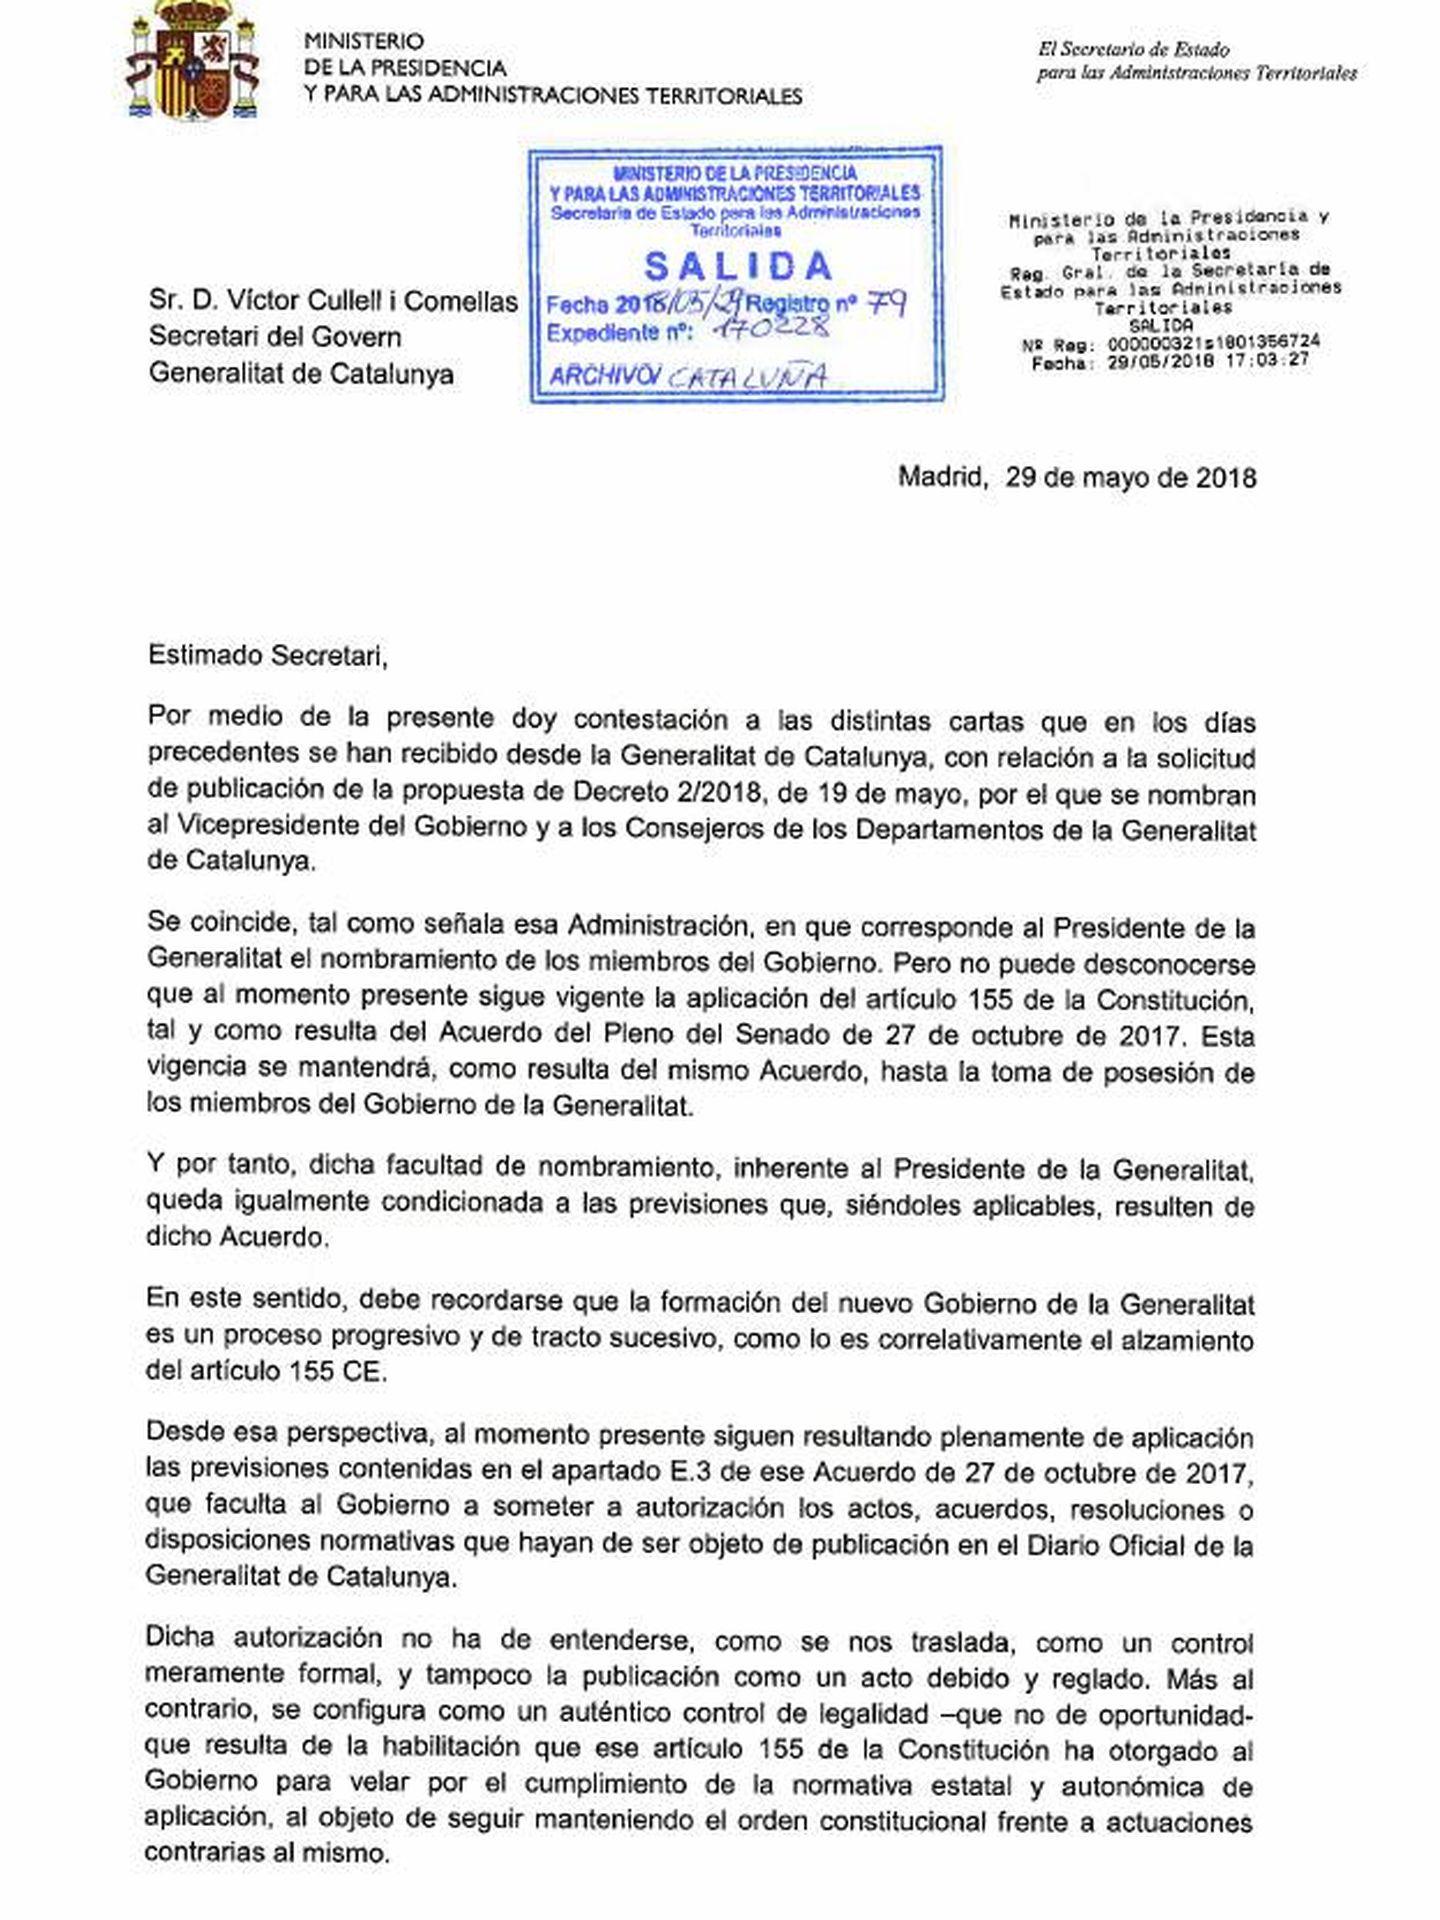 Pinche para leer la carta de Rajoy.